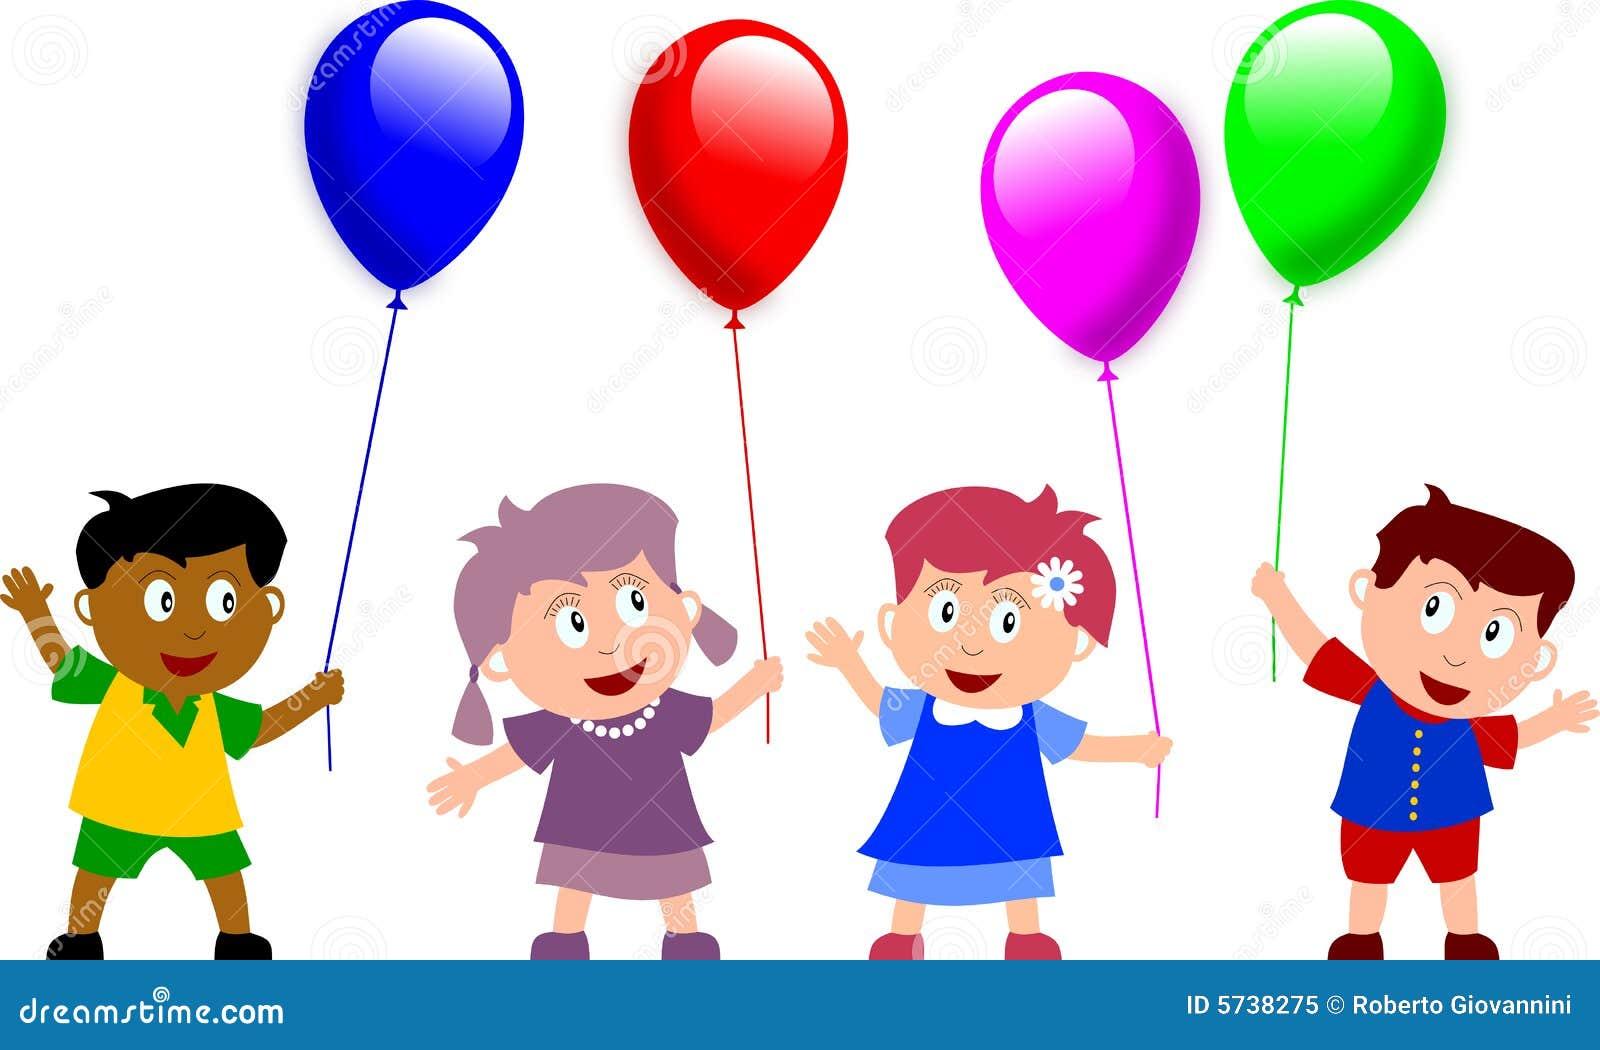 Kinder und Ballone stock abbildung. Illustration von nett ...